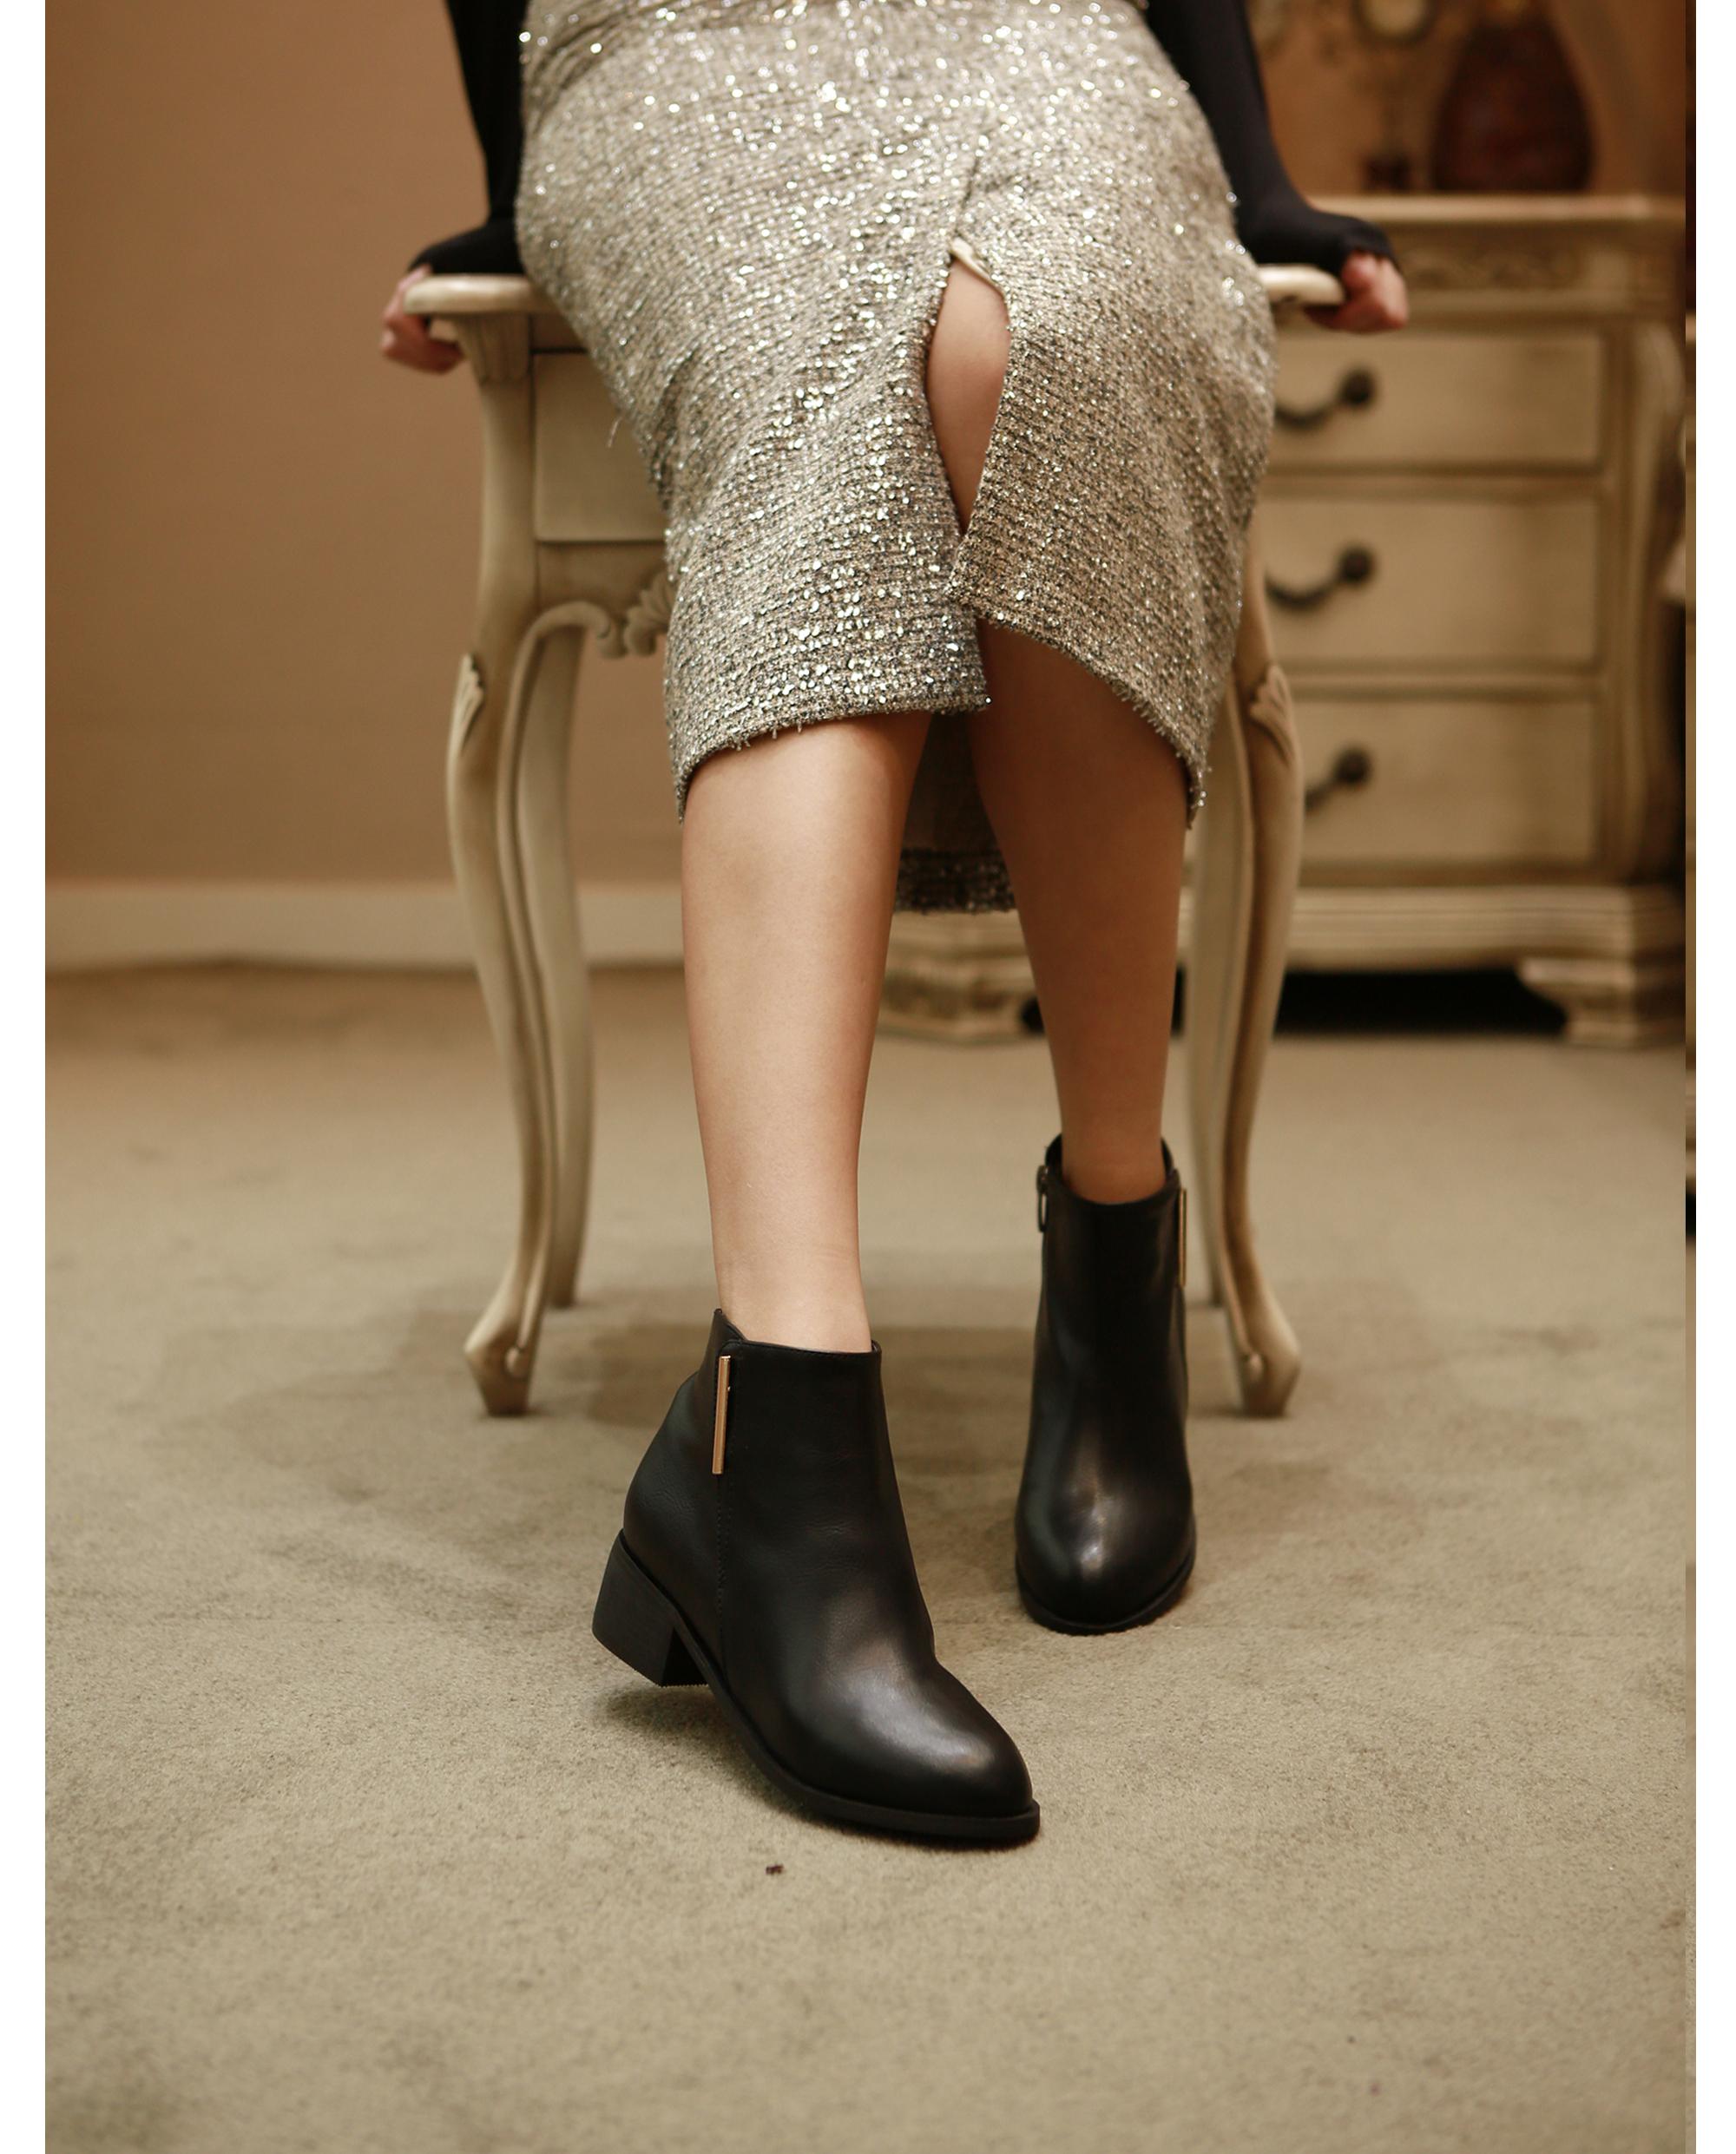 리플라(LI FLA) 19B524 black ankle